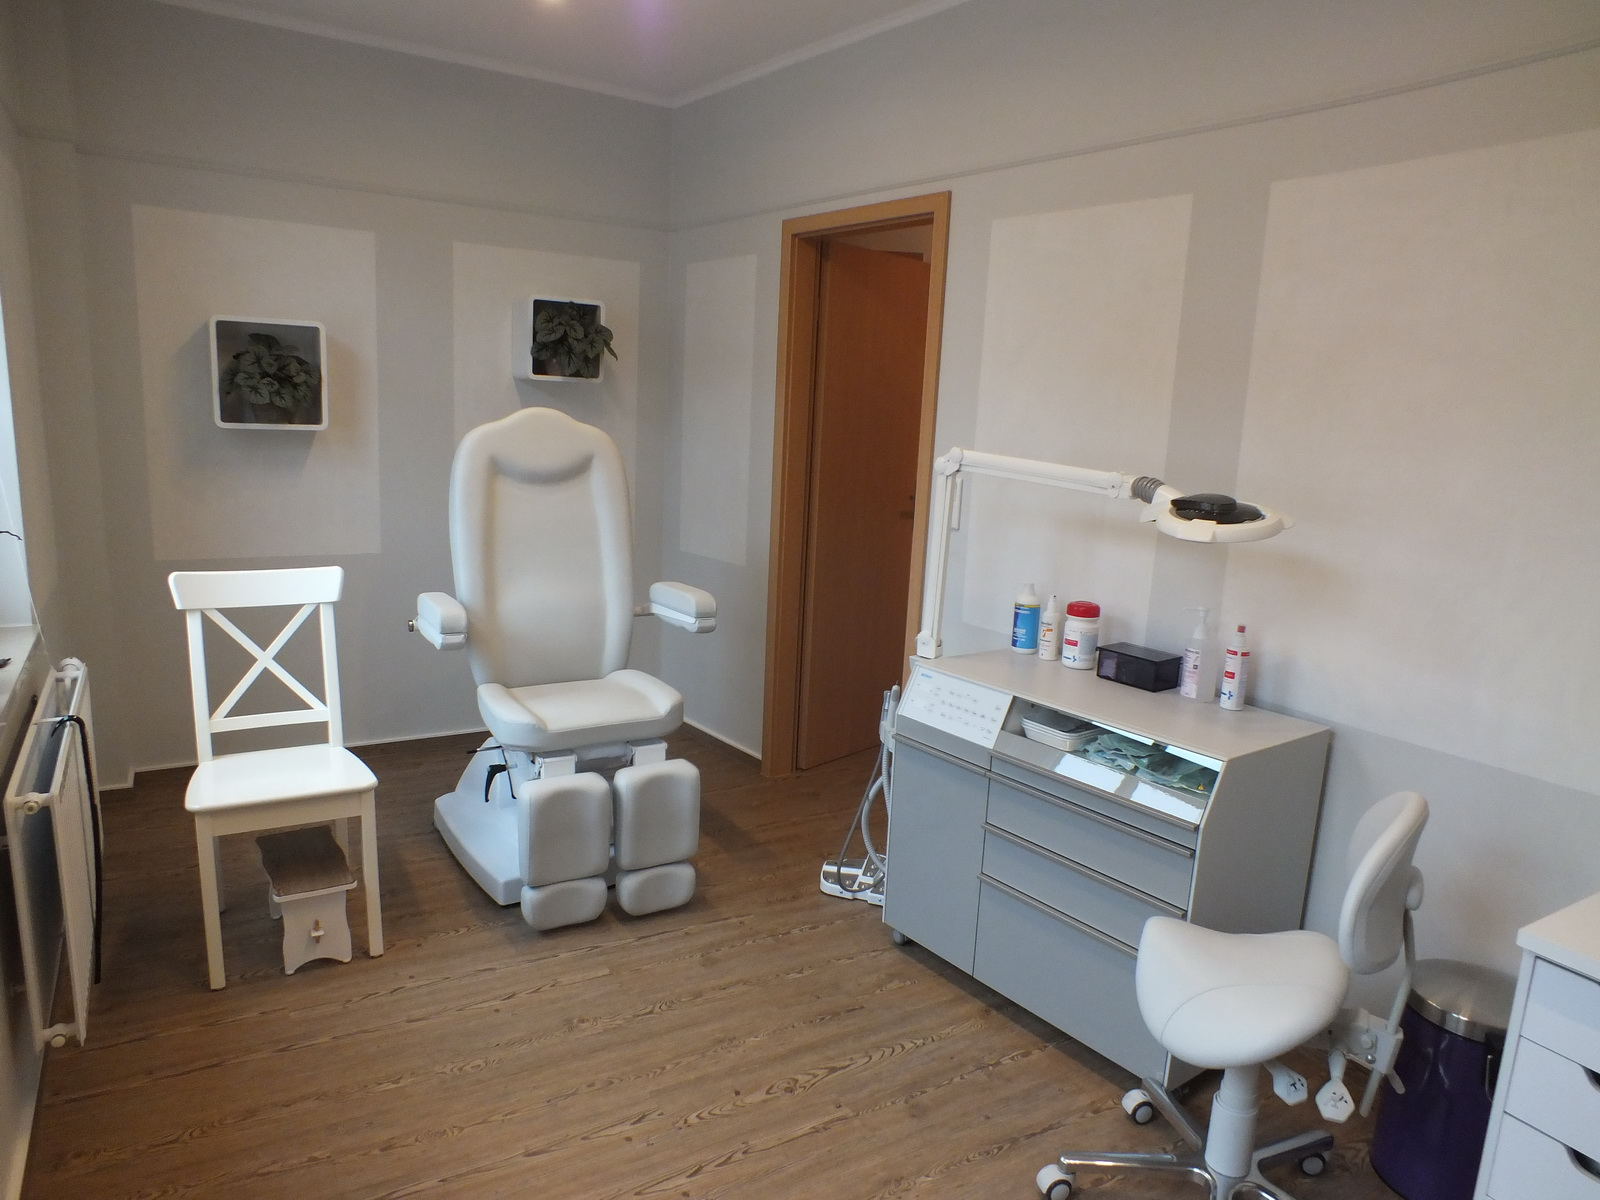 Podologie Zarrentin Praxis Behandlungsraum